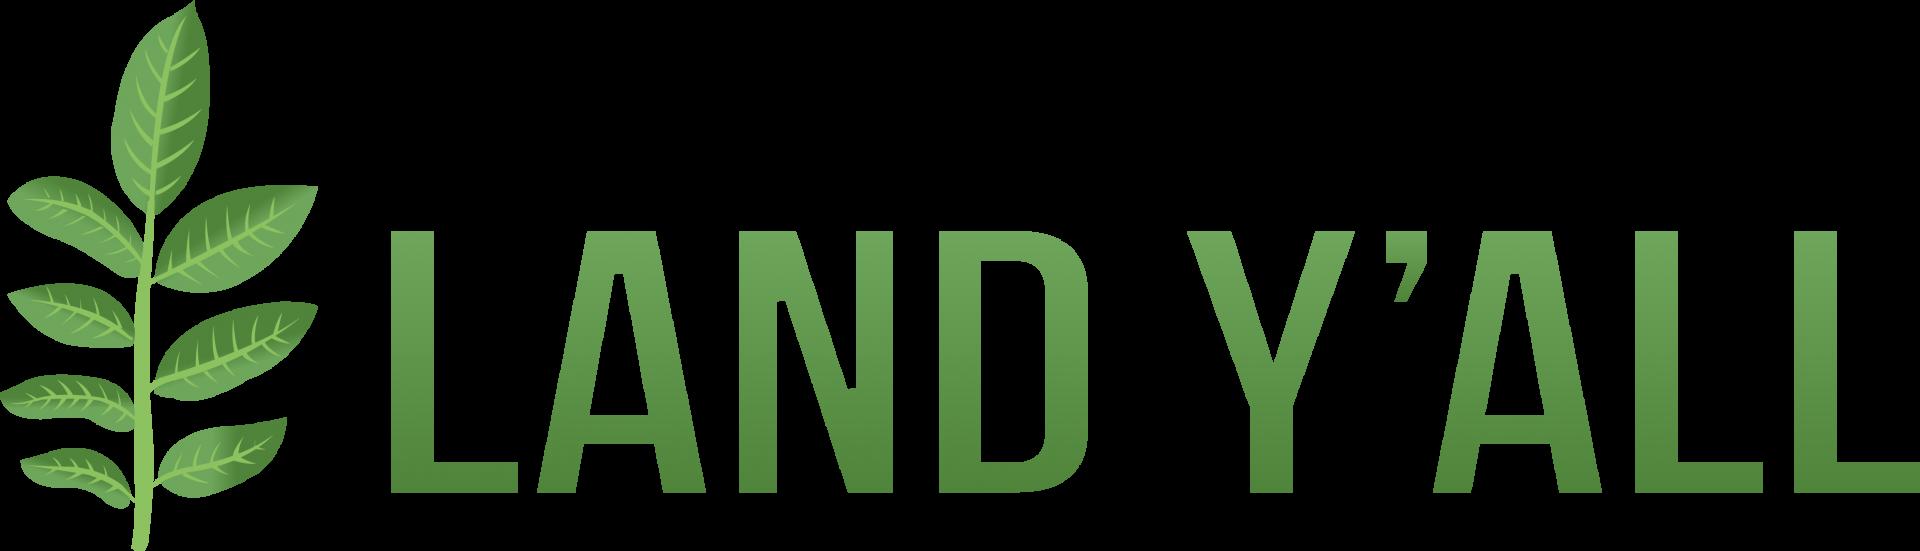 Land Y'all logo